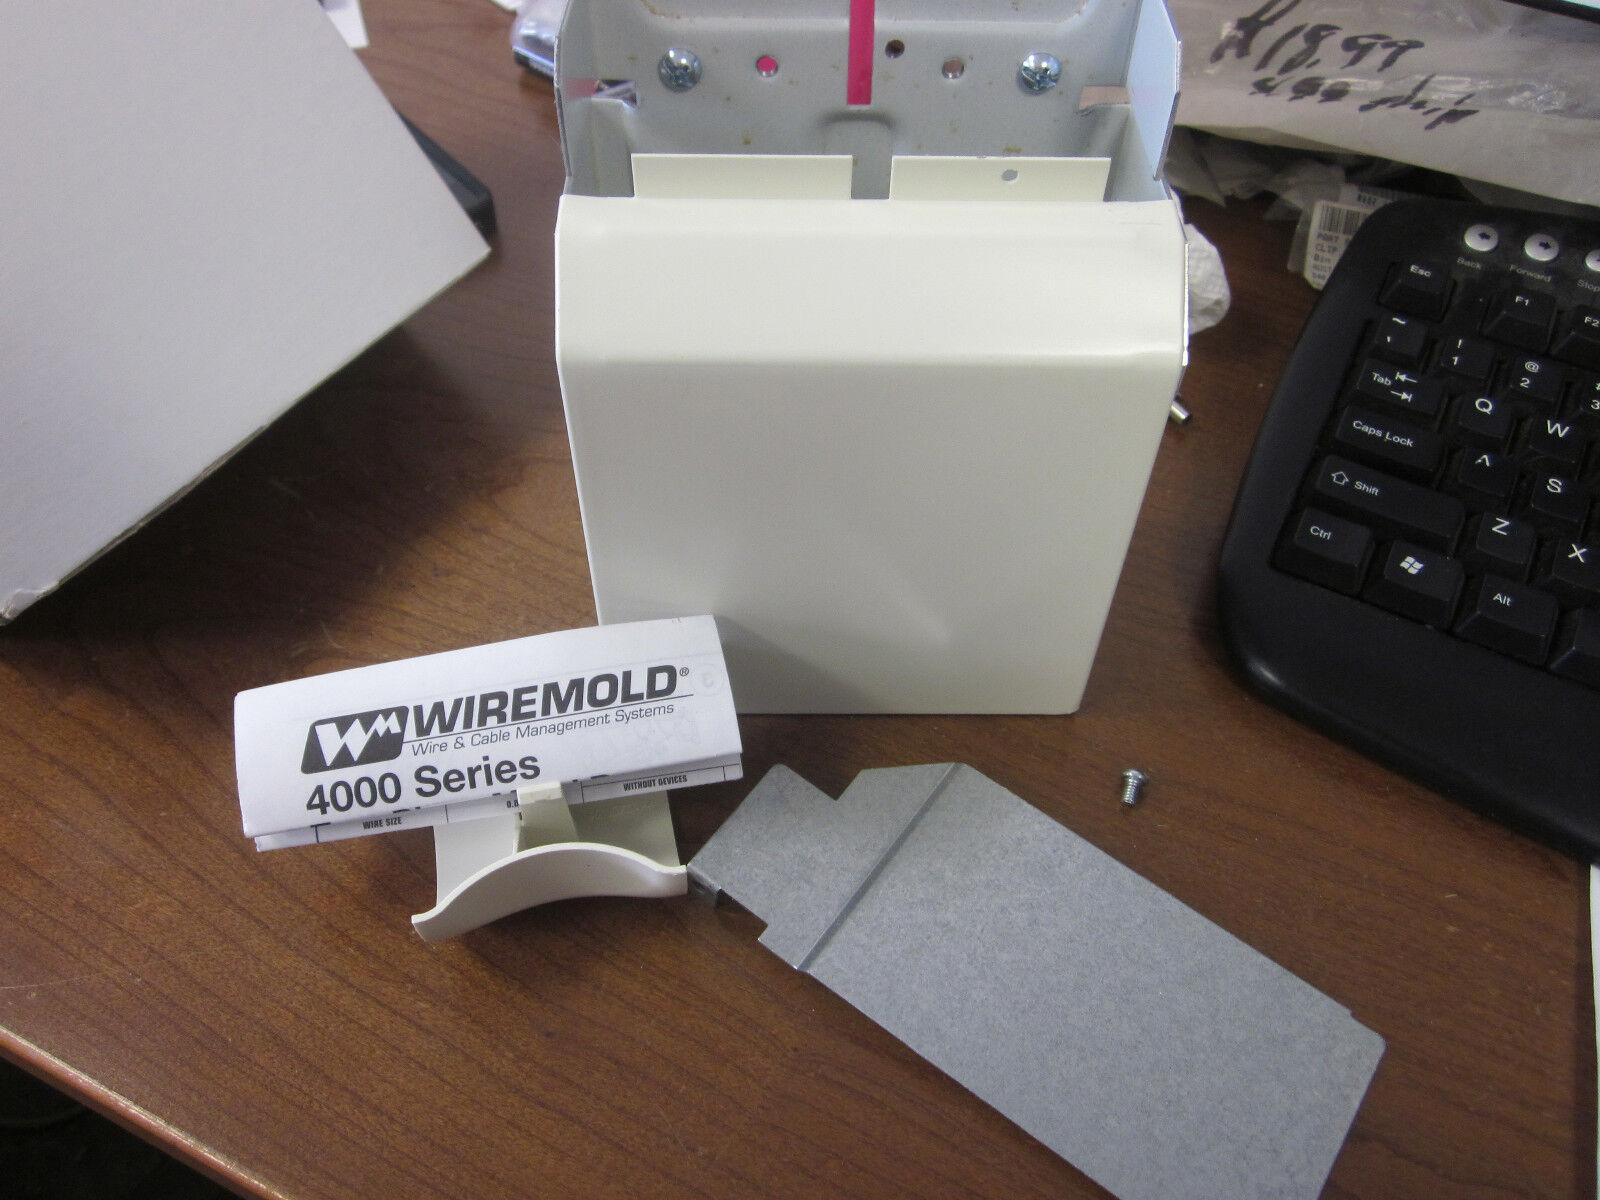 Atemberaubend Wiremold 4000 Serie Laufbahn Zeitgenössisch ...